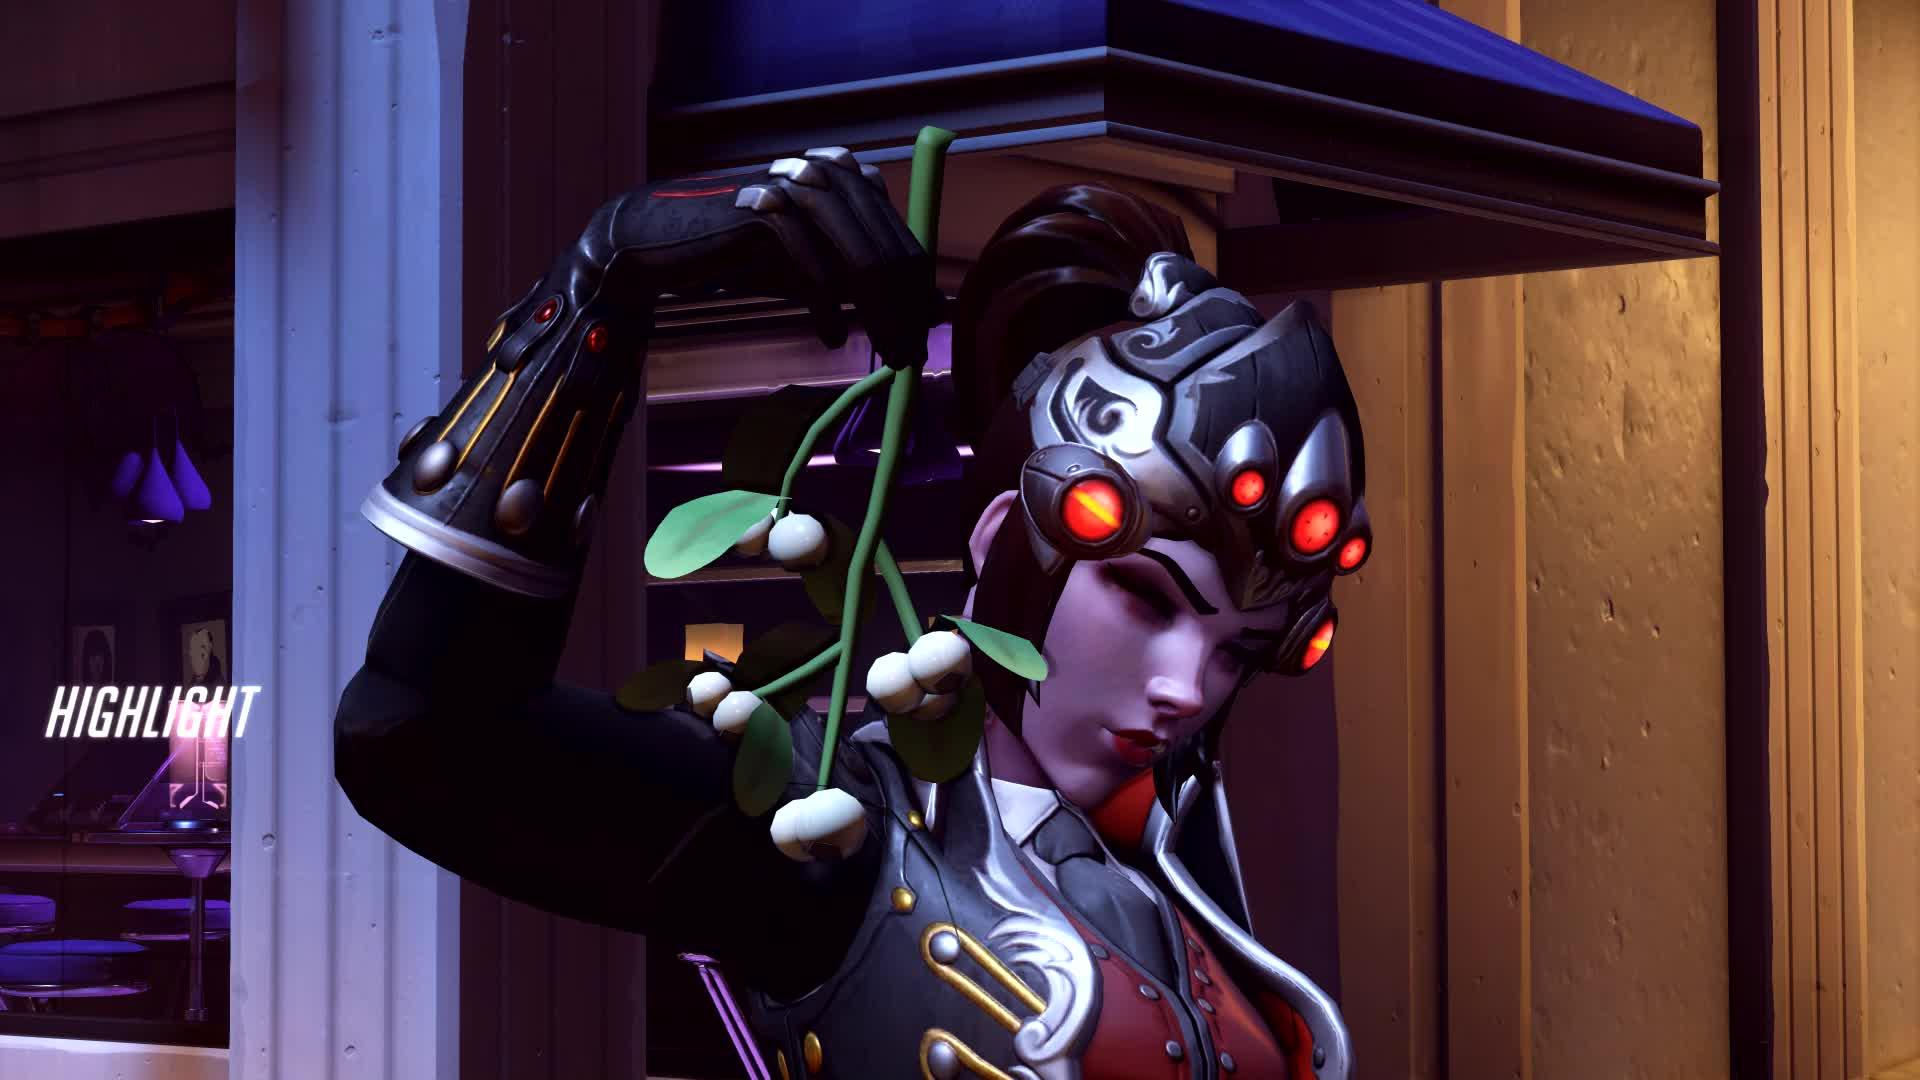 overwatch, widowmaker, a cornered widow is more dangerous than a dumbass GIFs